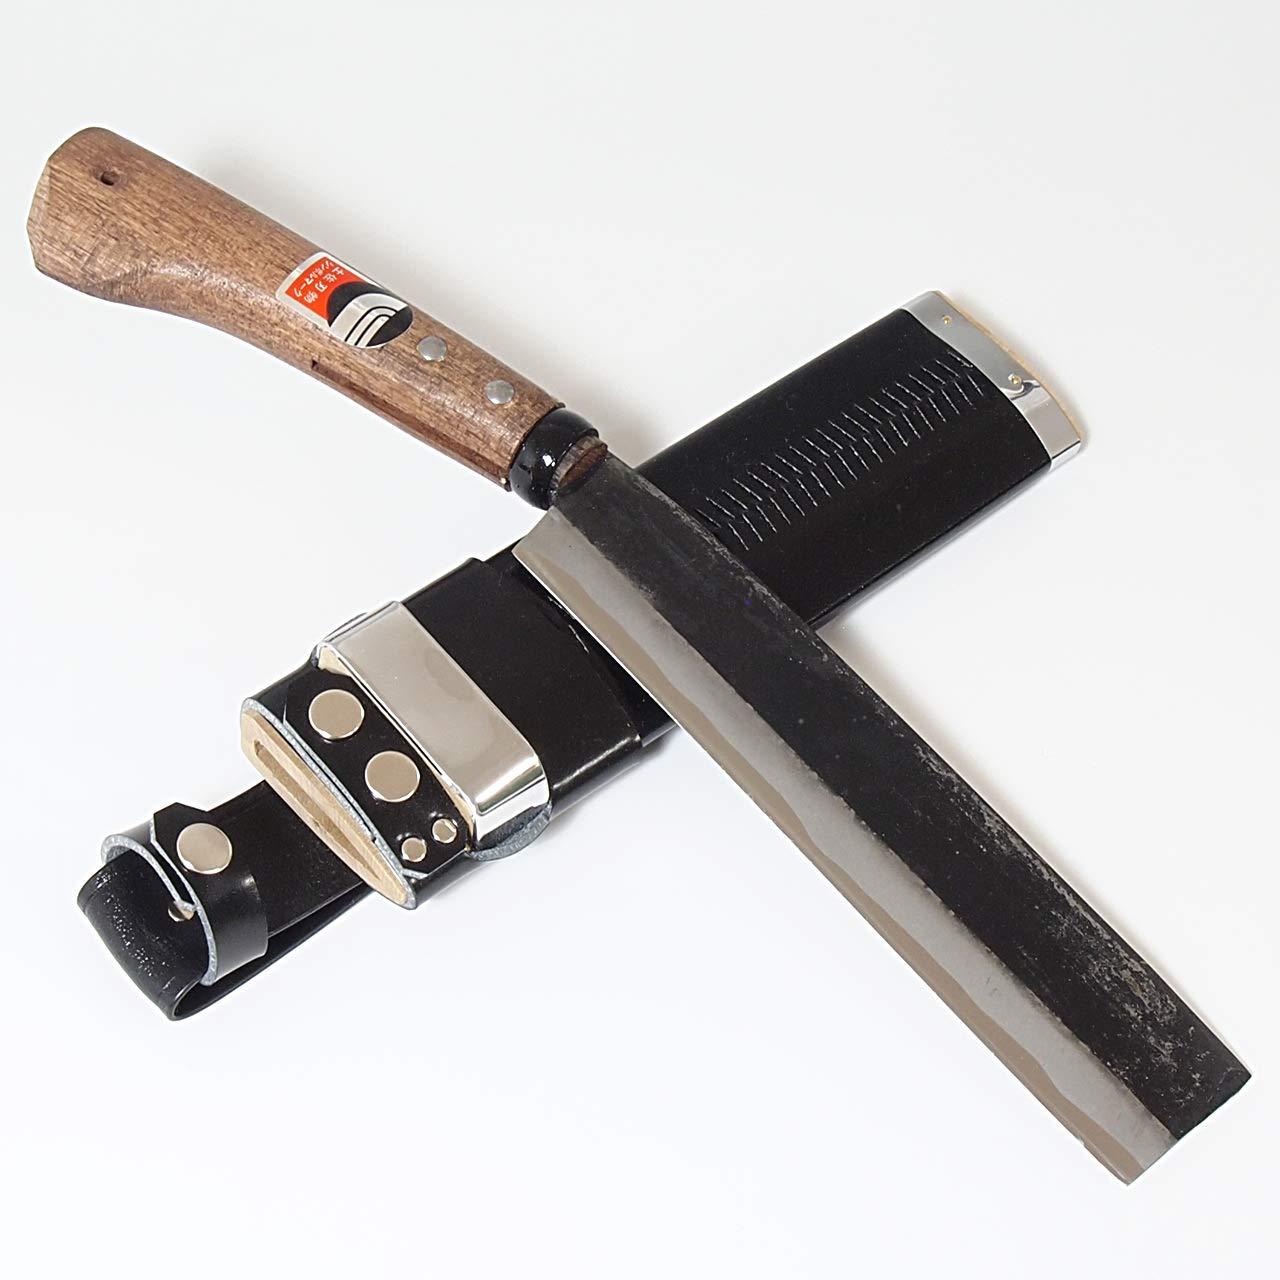 腰鉈 和式ナイフ 黒打ち仕上げ 片刃 白鋼 竹割り 枝打ち こしなた 土佐打刃物 (刃渡り18cm) B07T7J4Y5Y  刃渡り18cm